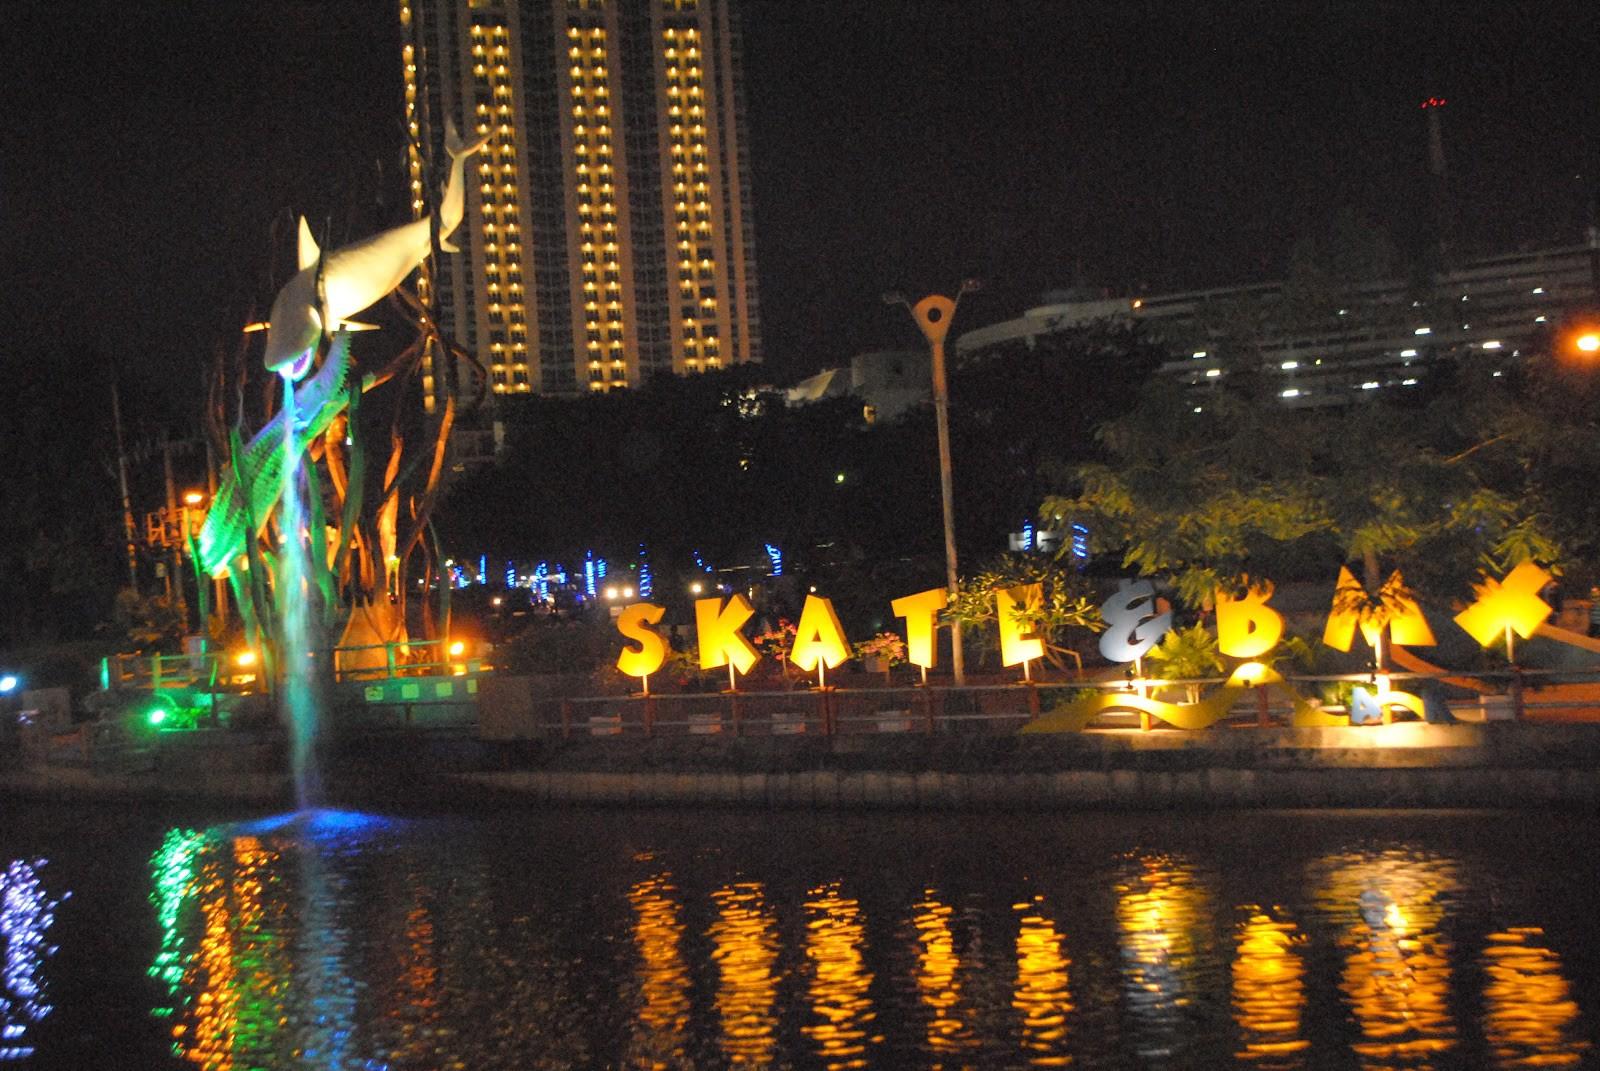 Wisata Monumen Unik Bersejarah Meseum Kapal Selam Terletak Daerah Surabaya